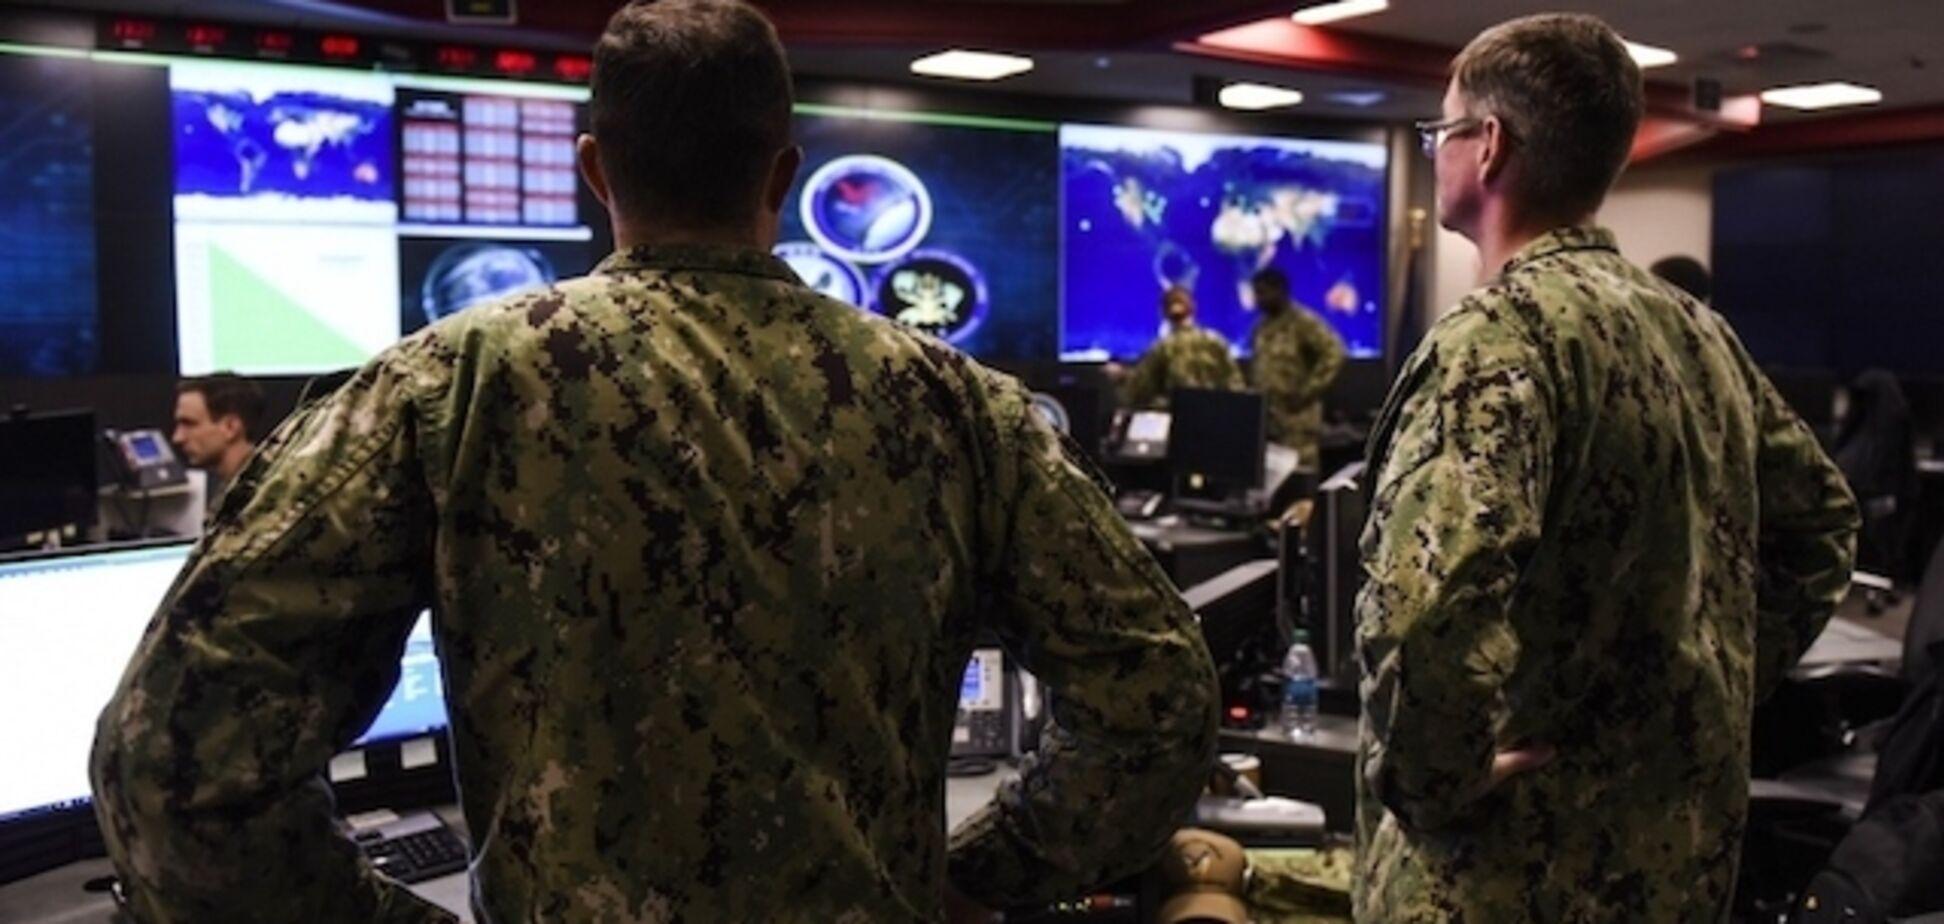 Падеж сайтов: нанесен удар по каналам российской пропаганды